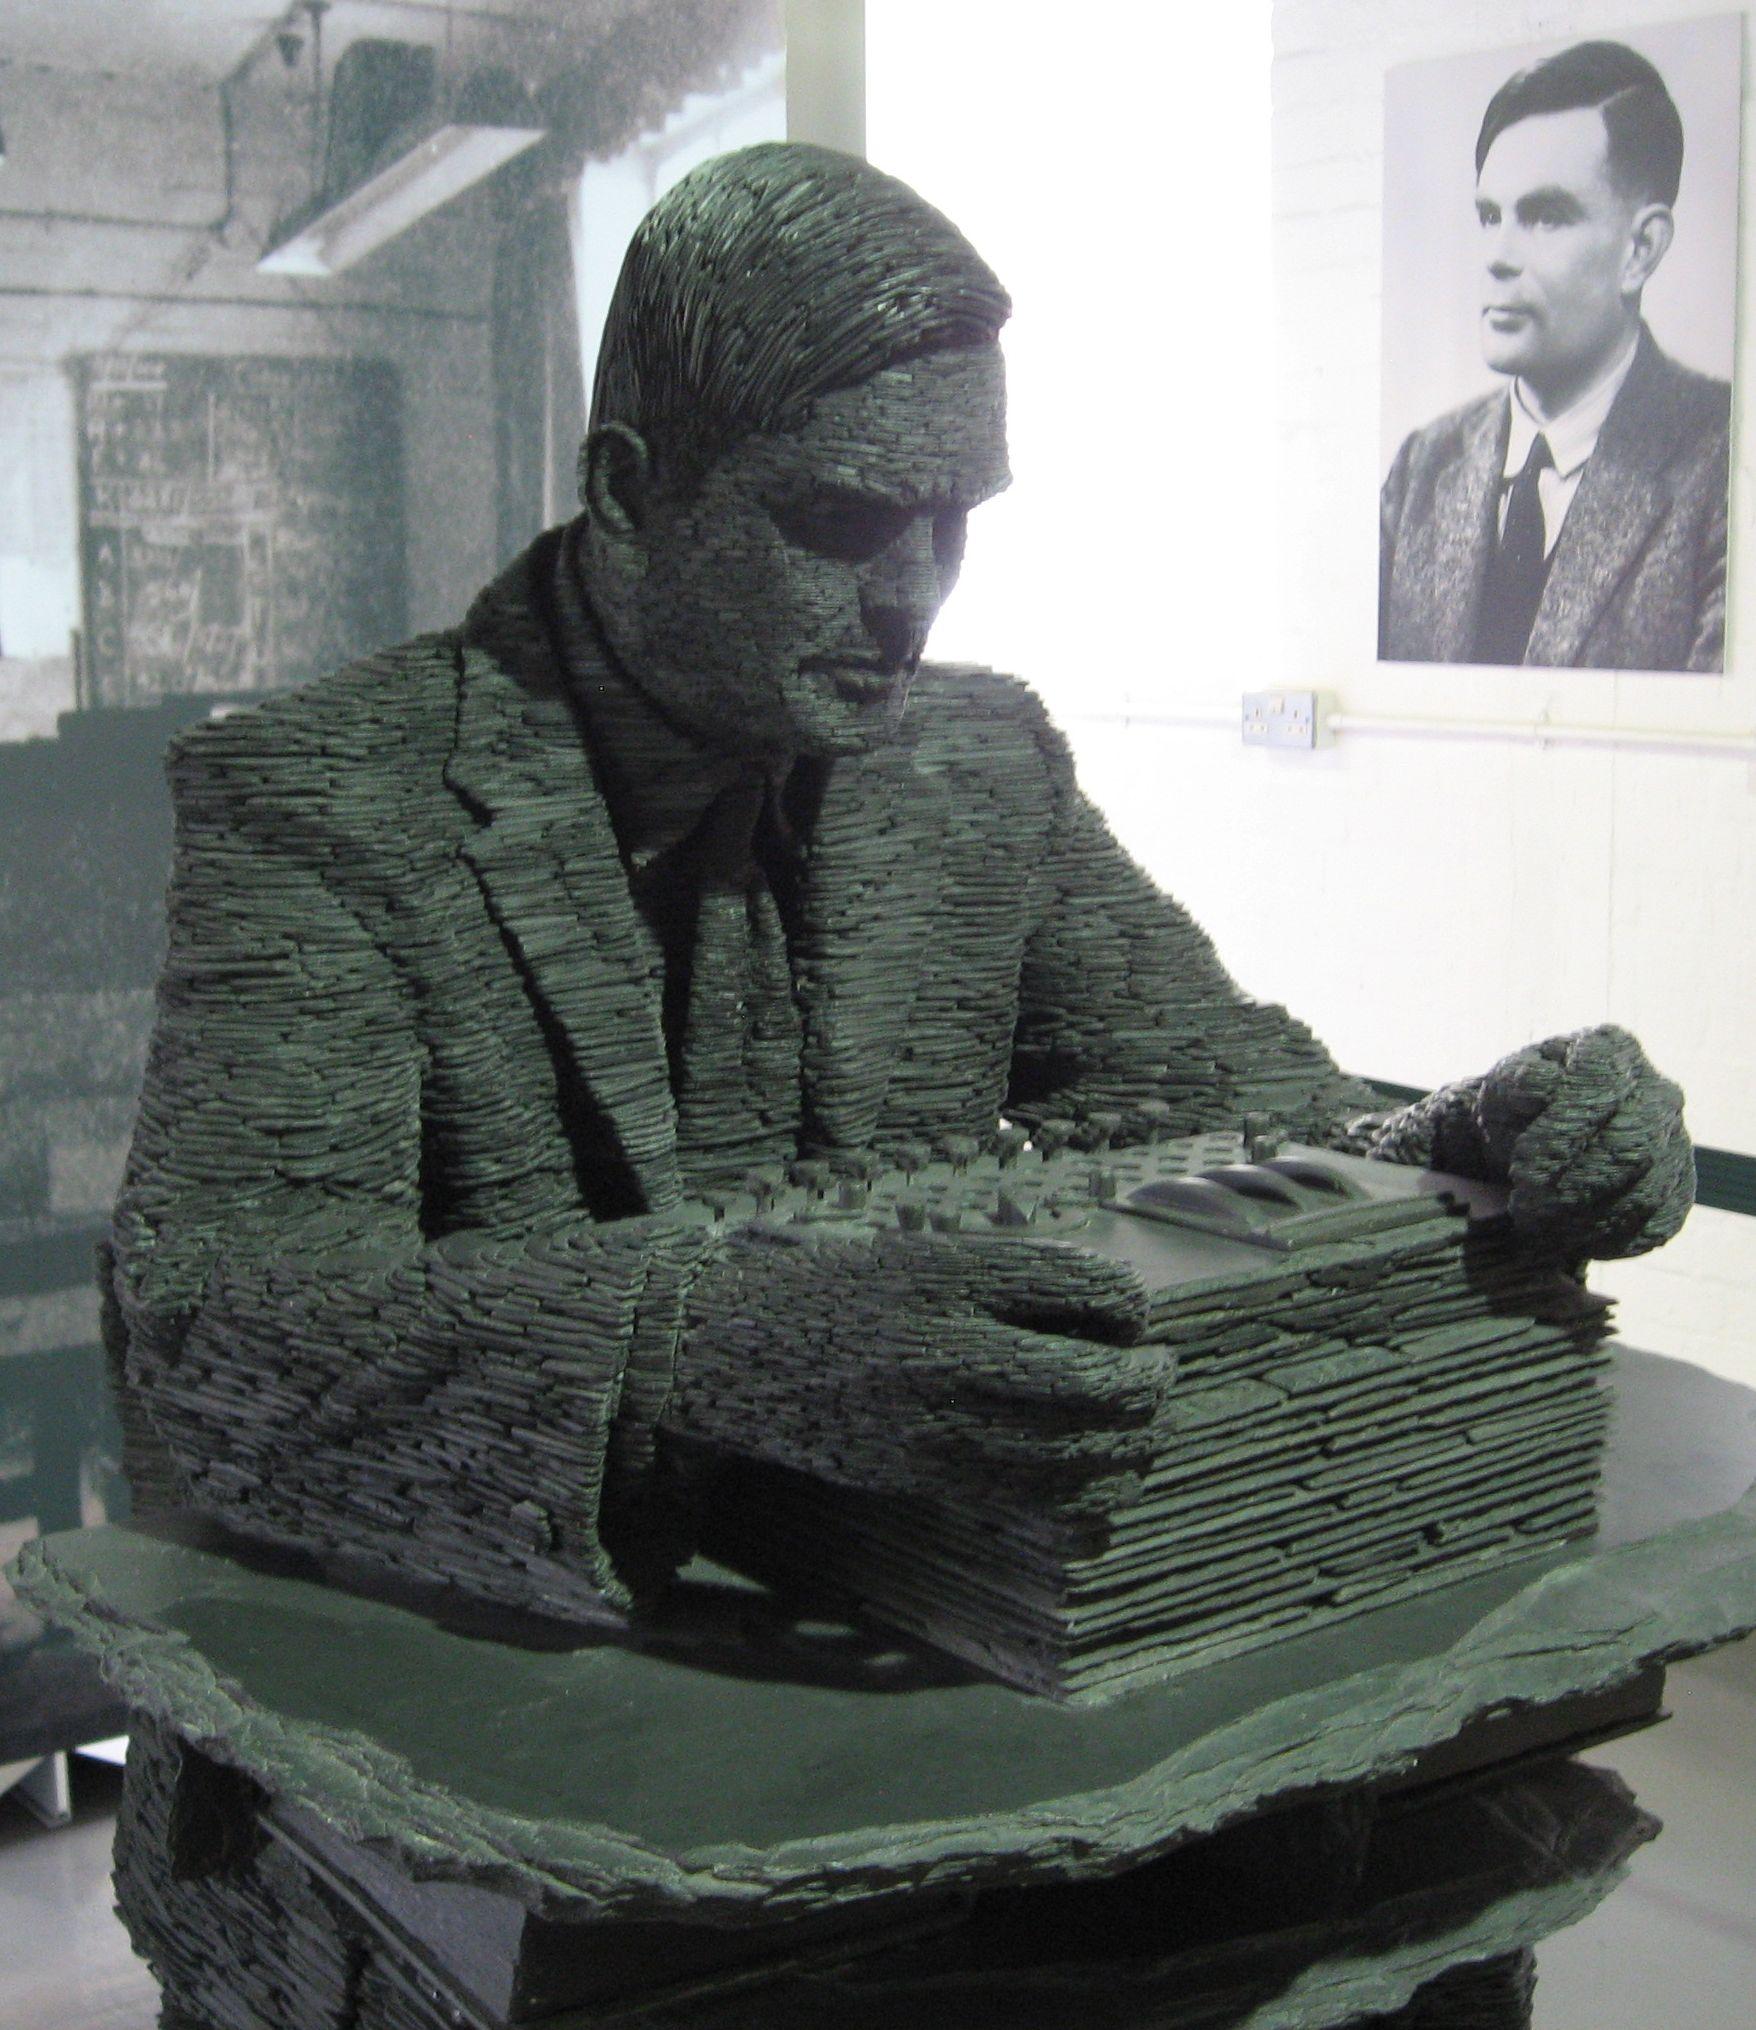 Estatua de Turing y su retrato de fondo enBletchley Park. Foto:Jon Callas.